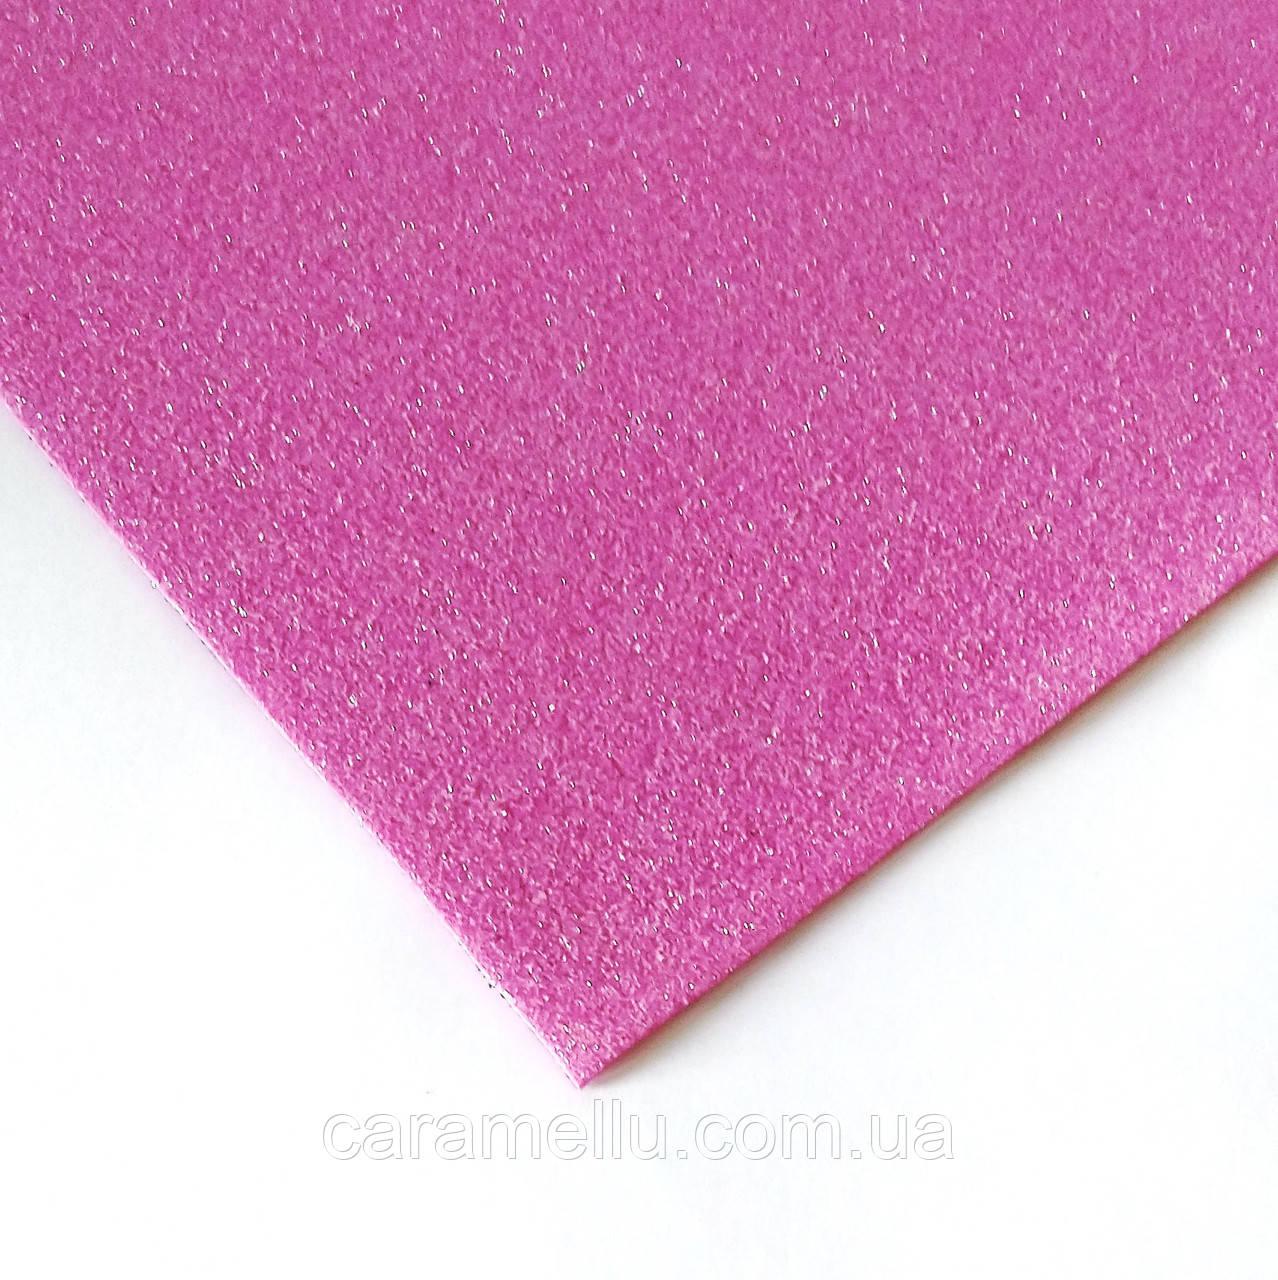 Глиттерный фоамиран 2мм.Ярко-розовый. 40*60 см